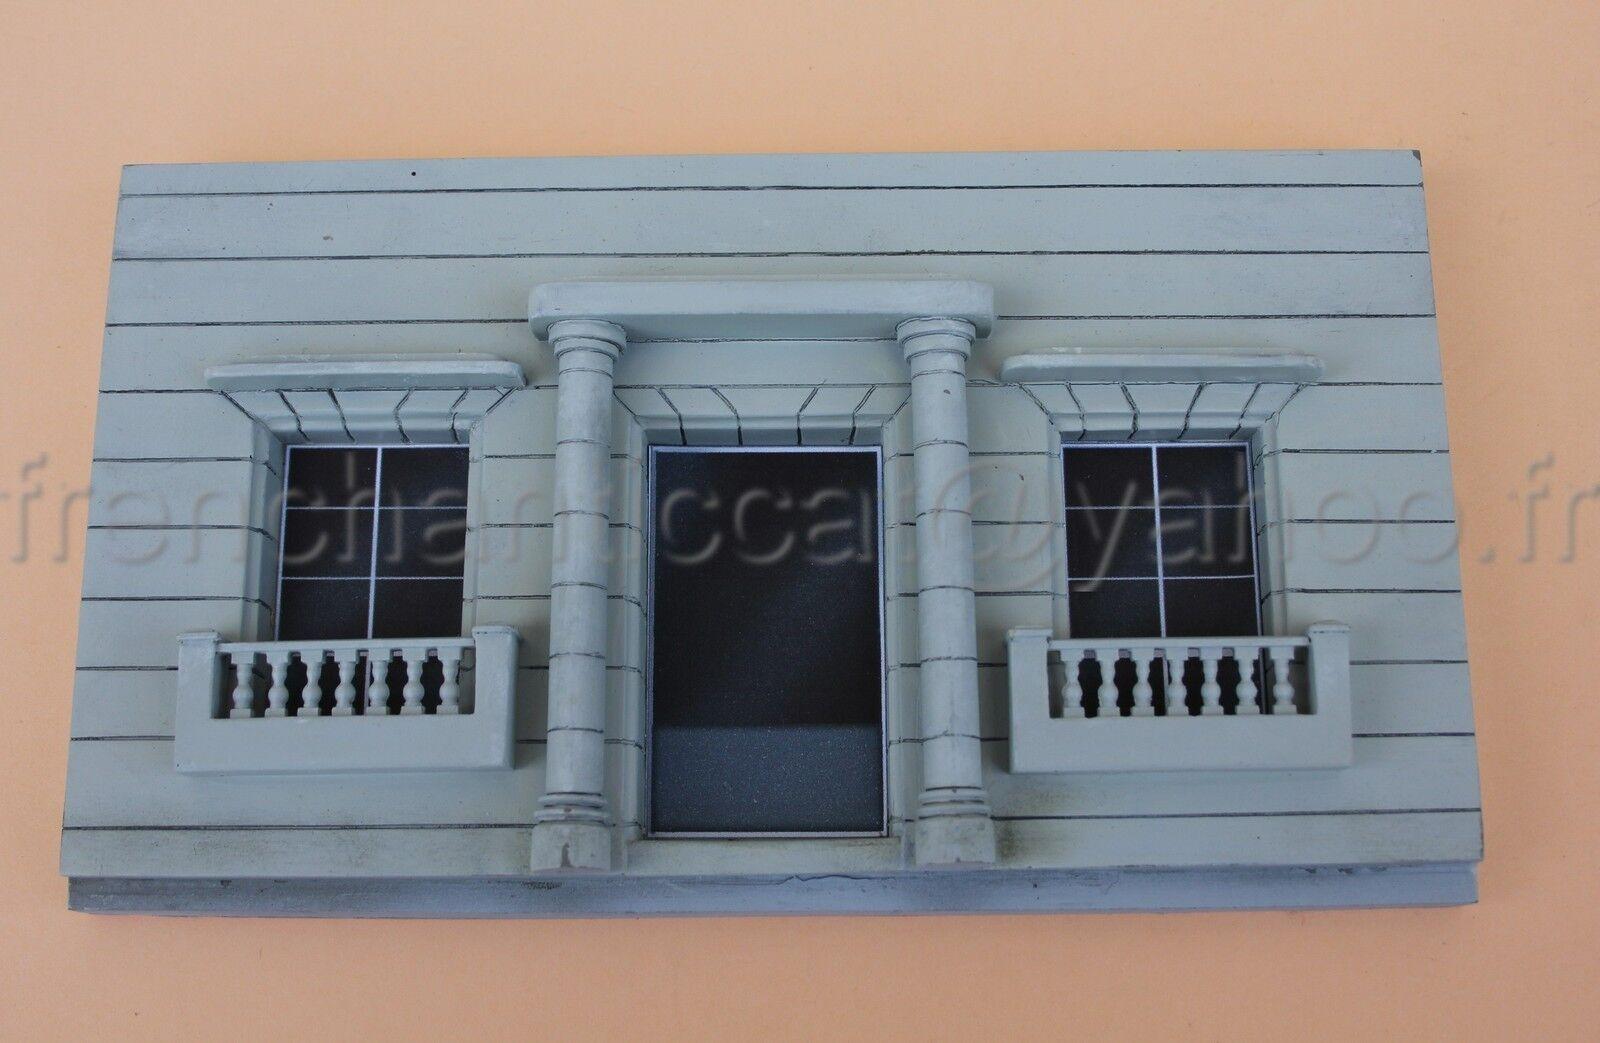 AE' Façade maison style coloniale 1 43 diorama Heco voiture delage bugatti train